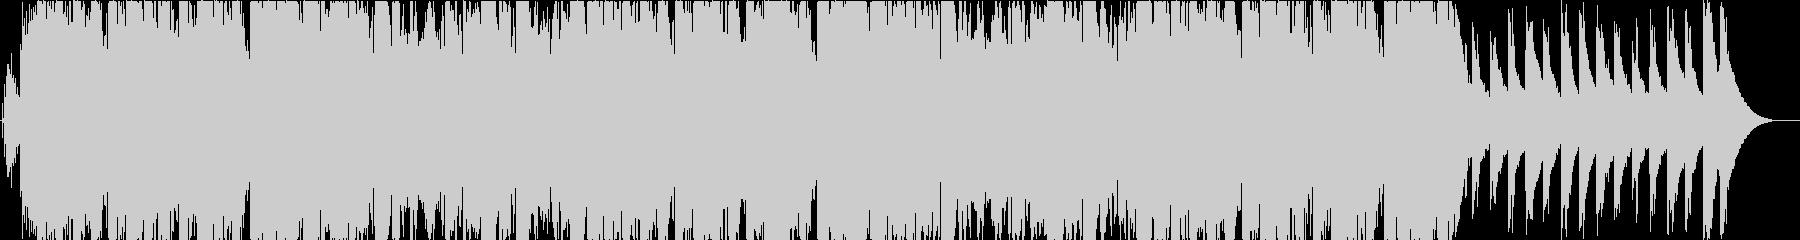 チャーチベルの印象的なクリスマスBGMの未再生の波形